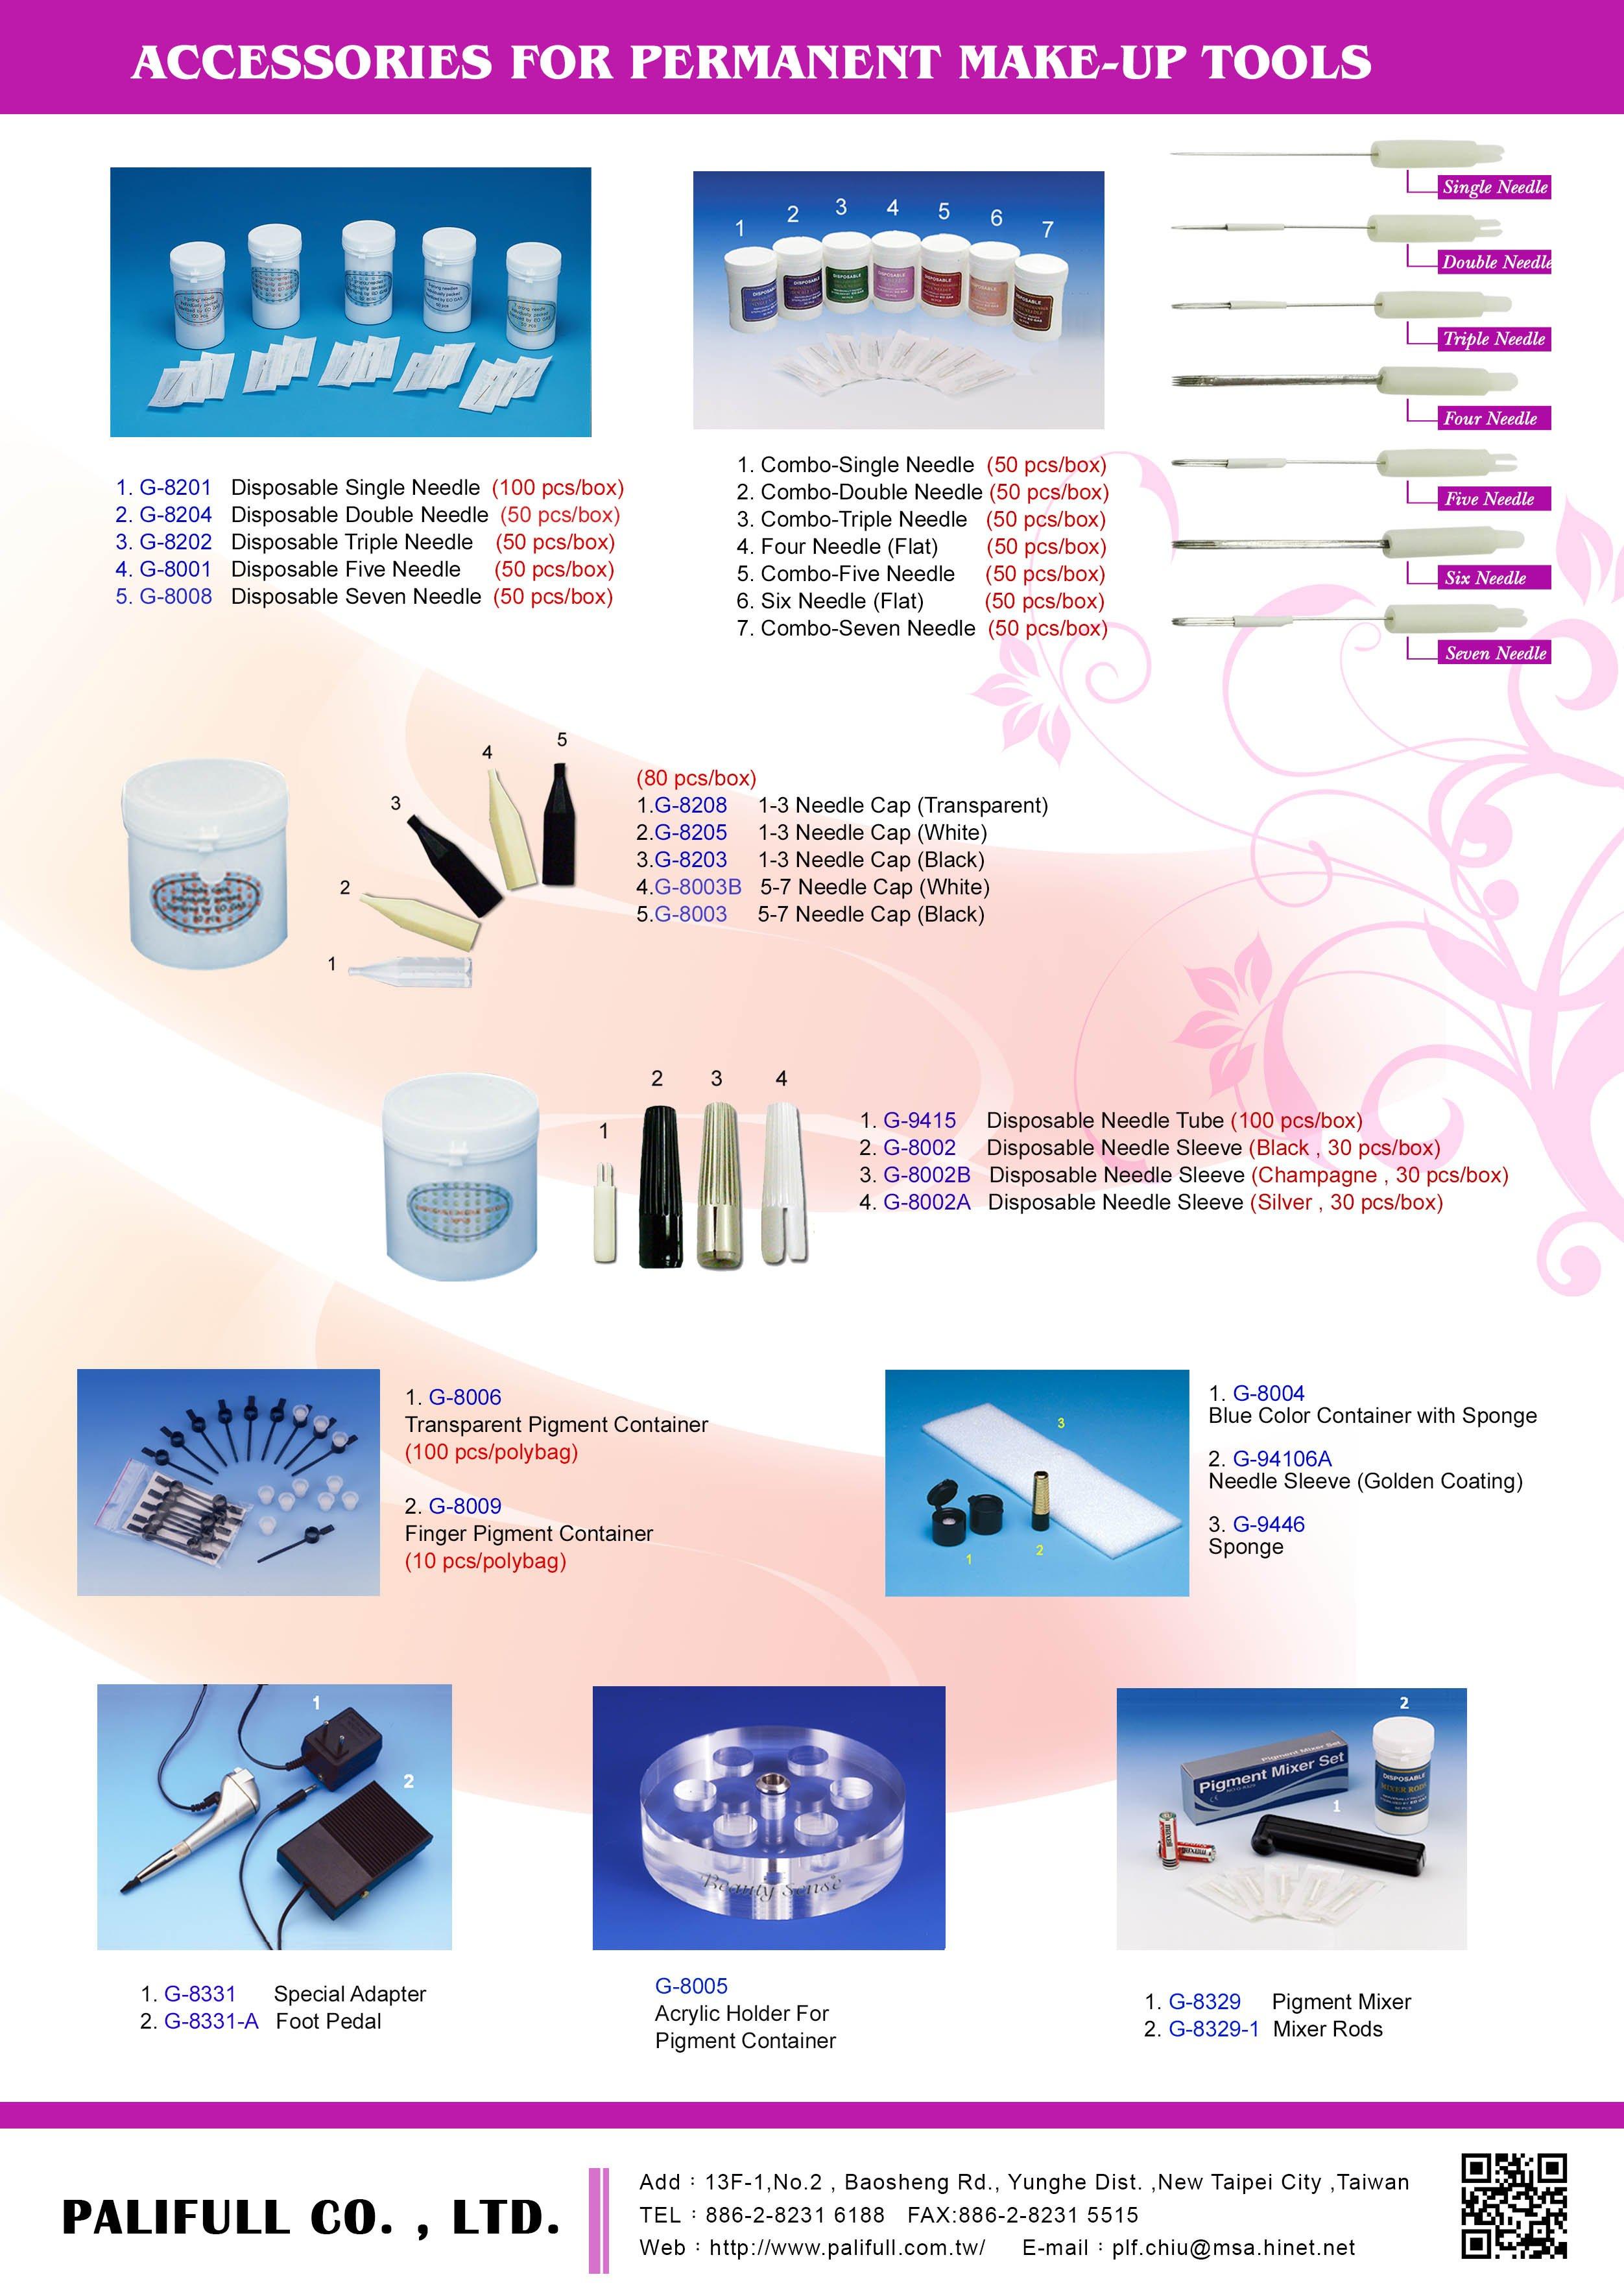 Accessories01A.jpg